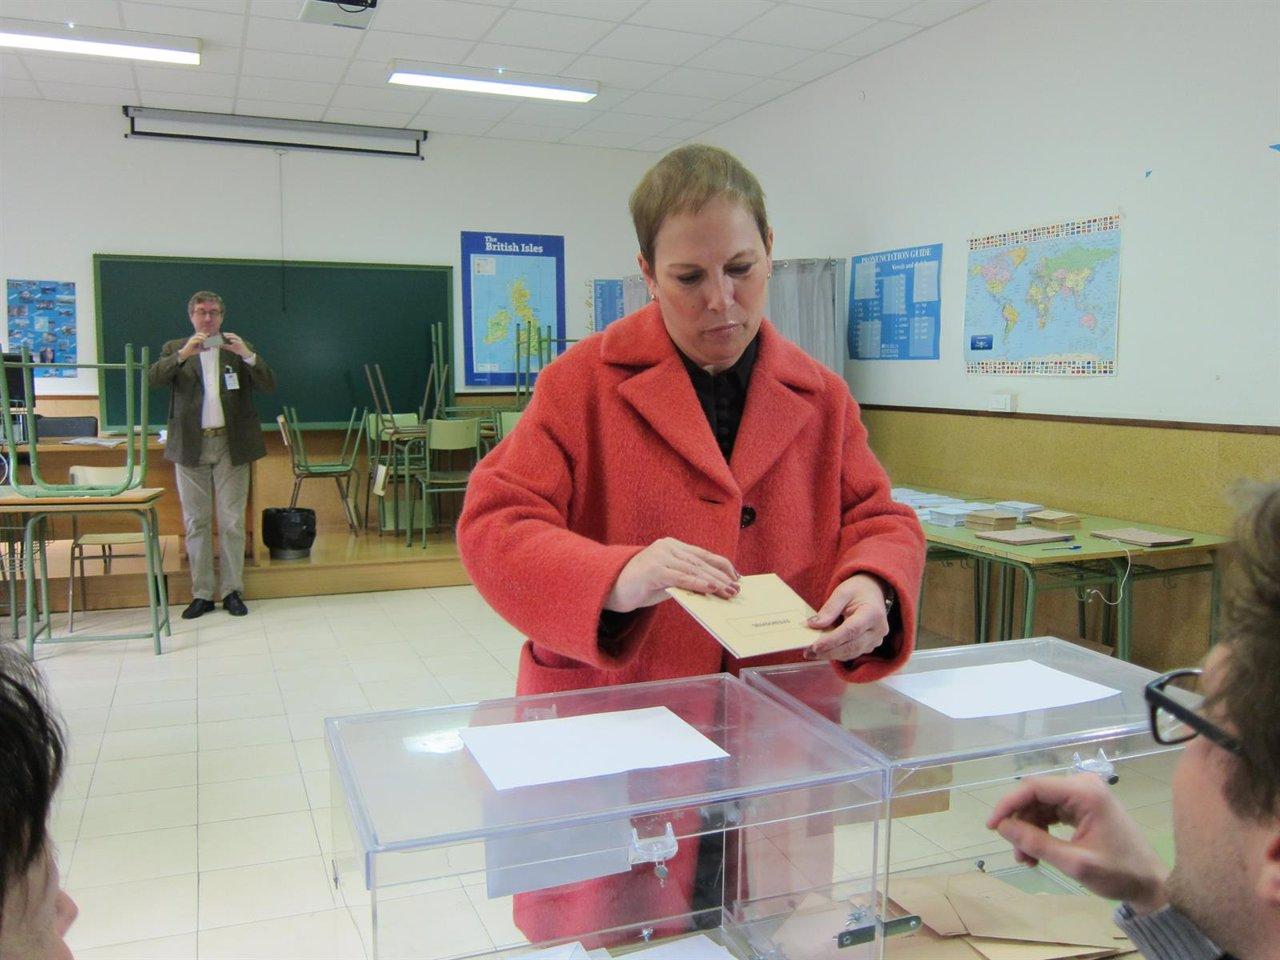 La presidenta del Gobierno de Navarra, Uxue Barkos, votando en Pamplona